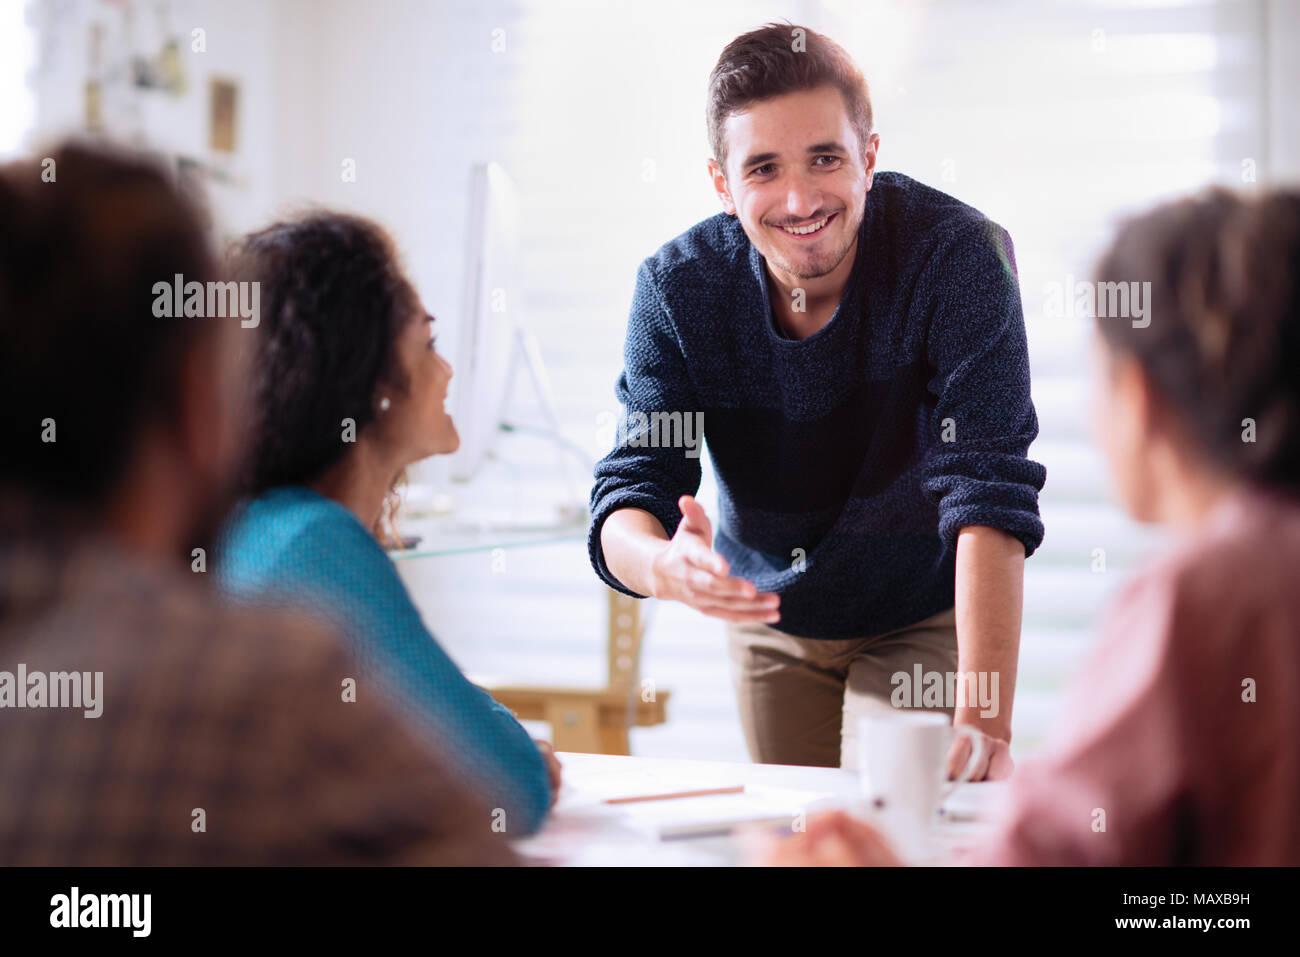 Lors d'une réunion. Un jeune homme qui présente son projet Photo Stock